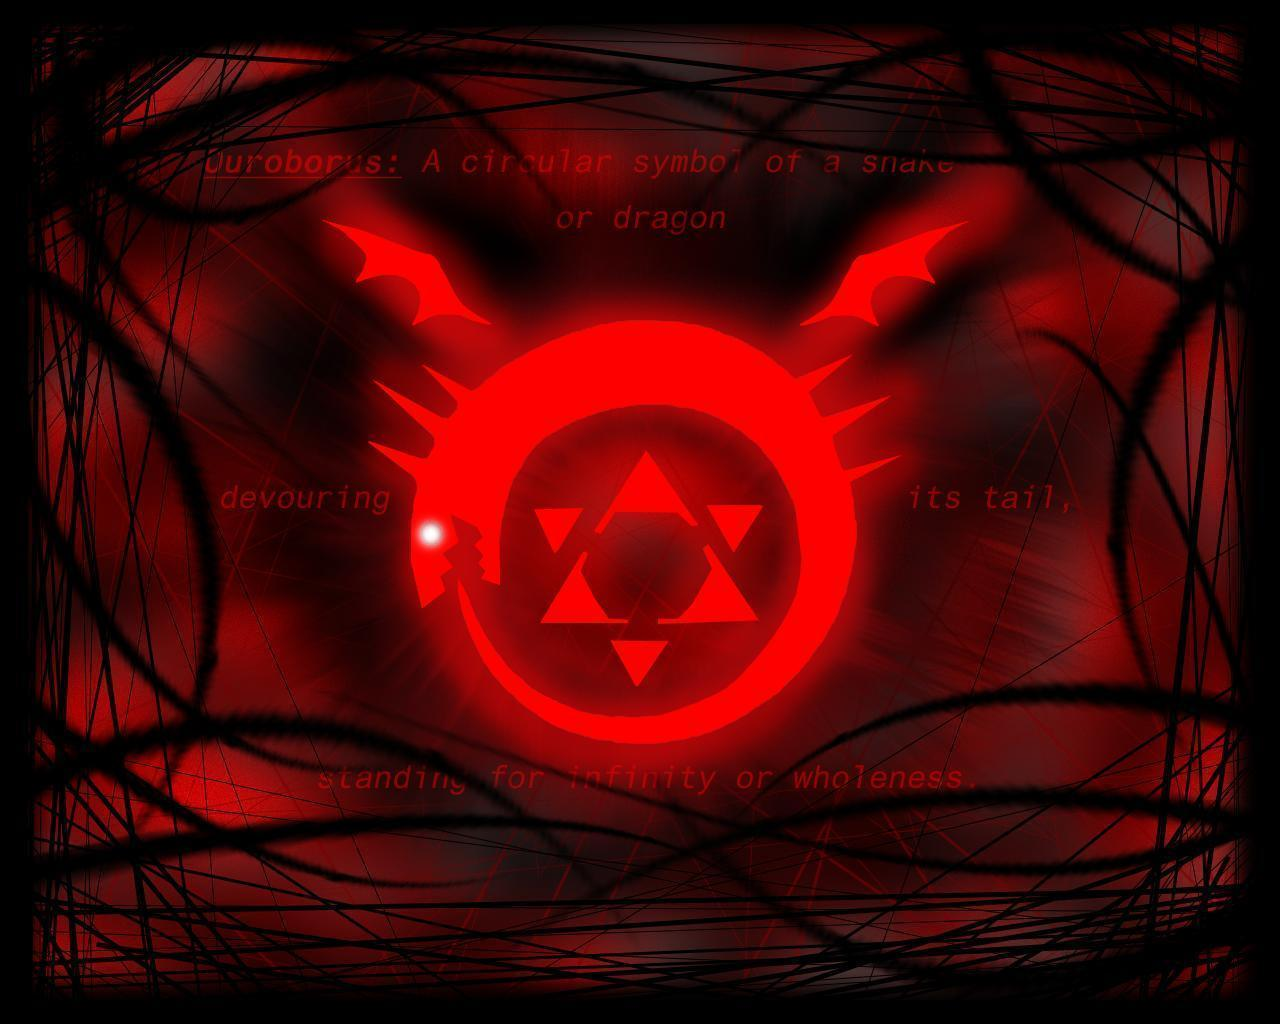 Best Tattoo Hd Wallpapers Fullmetal Alchemist Wallpapers Wallpaper Cave